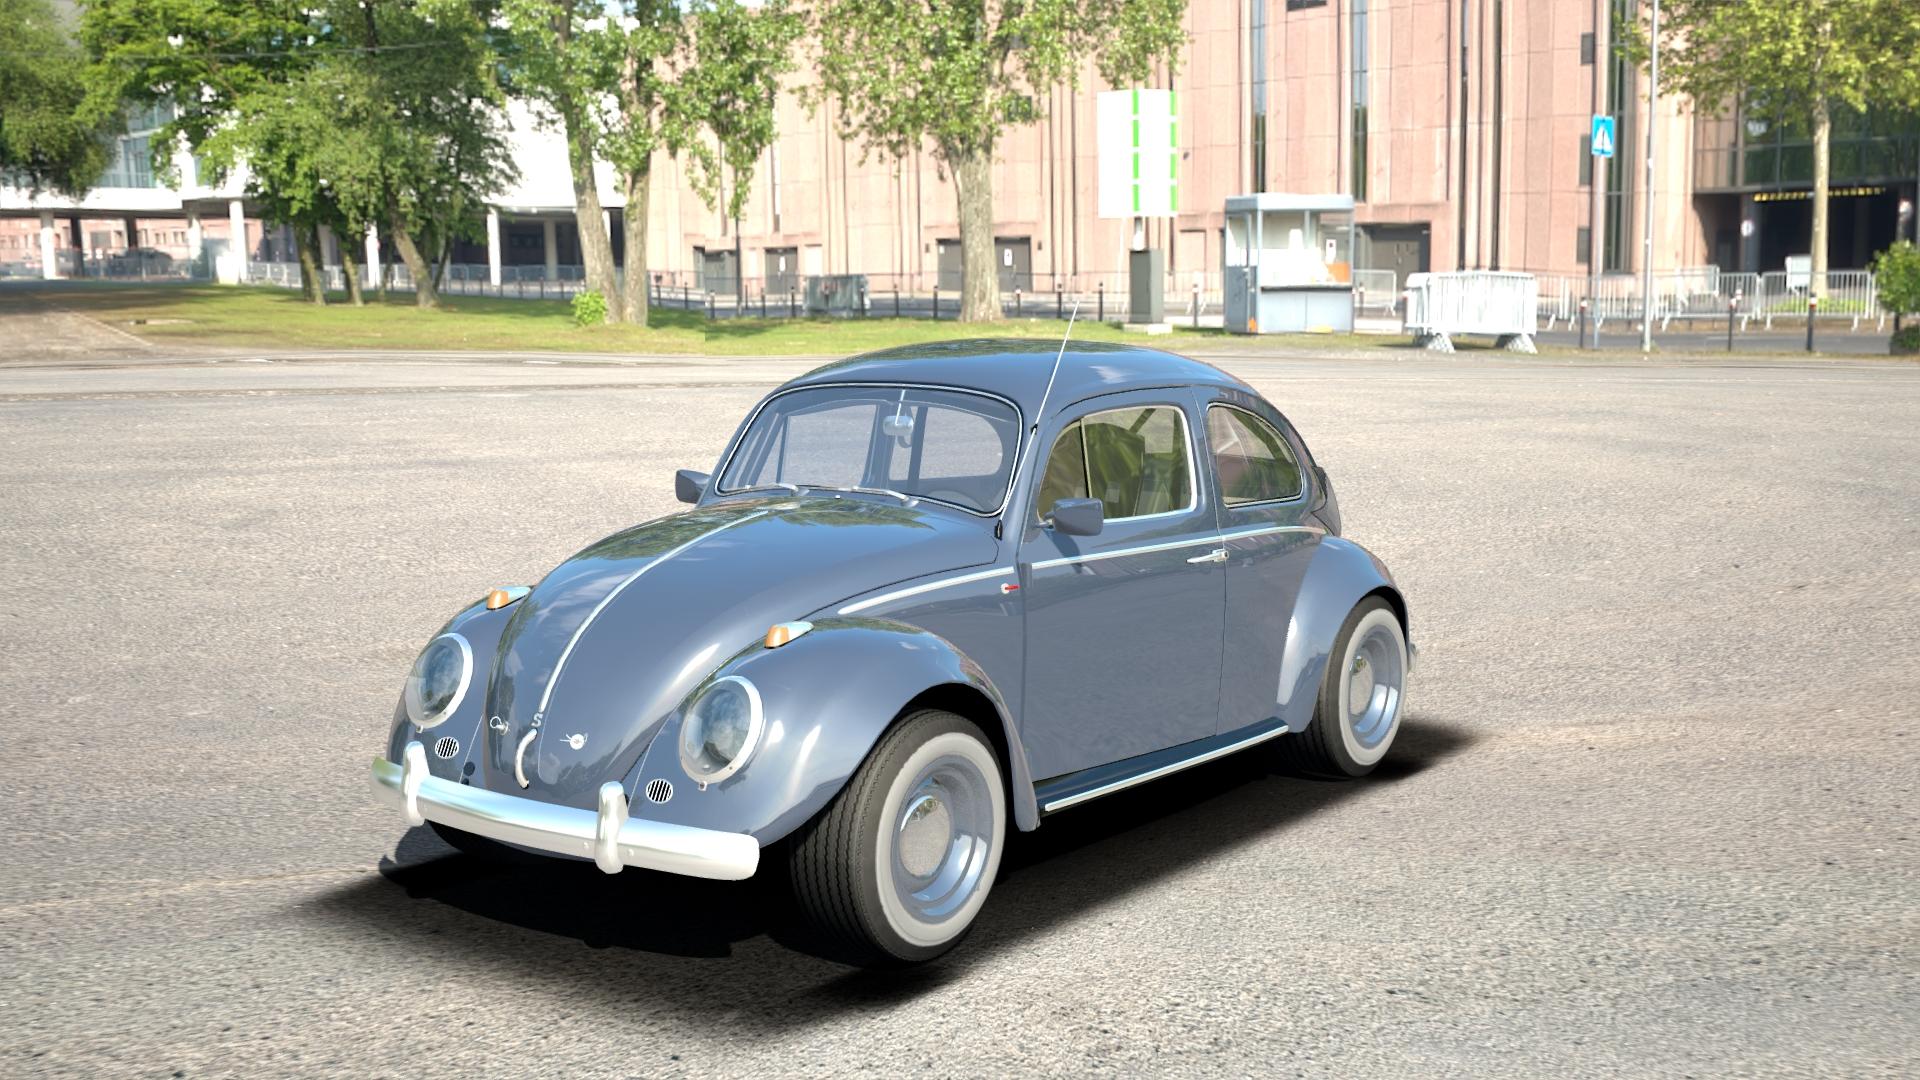 volkswagen beetle stance works volkswagen car detail assetto corsa database. Black Bedroom Furniture Sets. Home Design Ideas